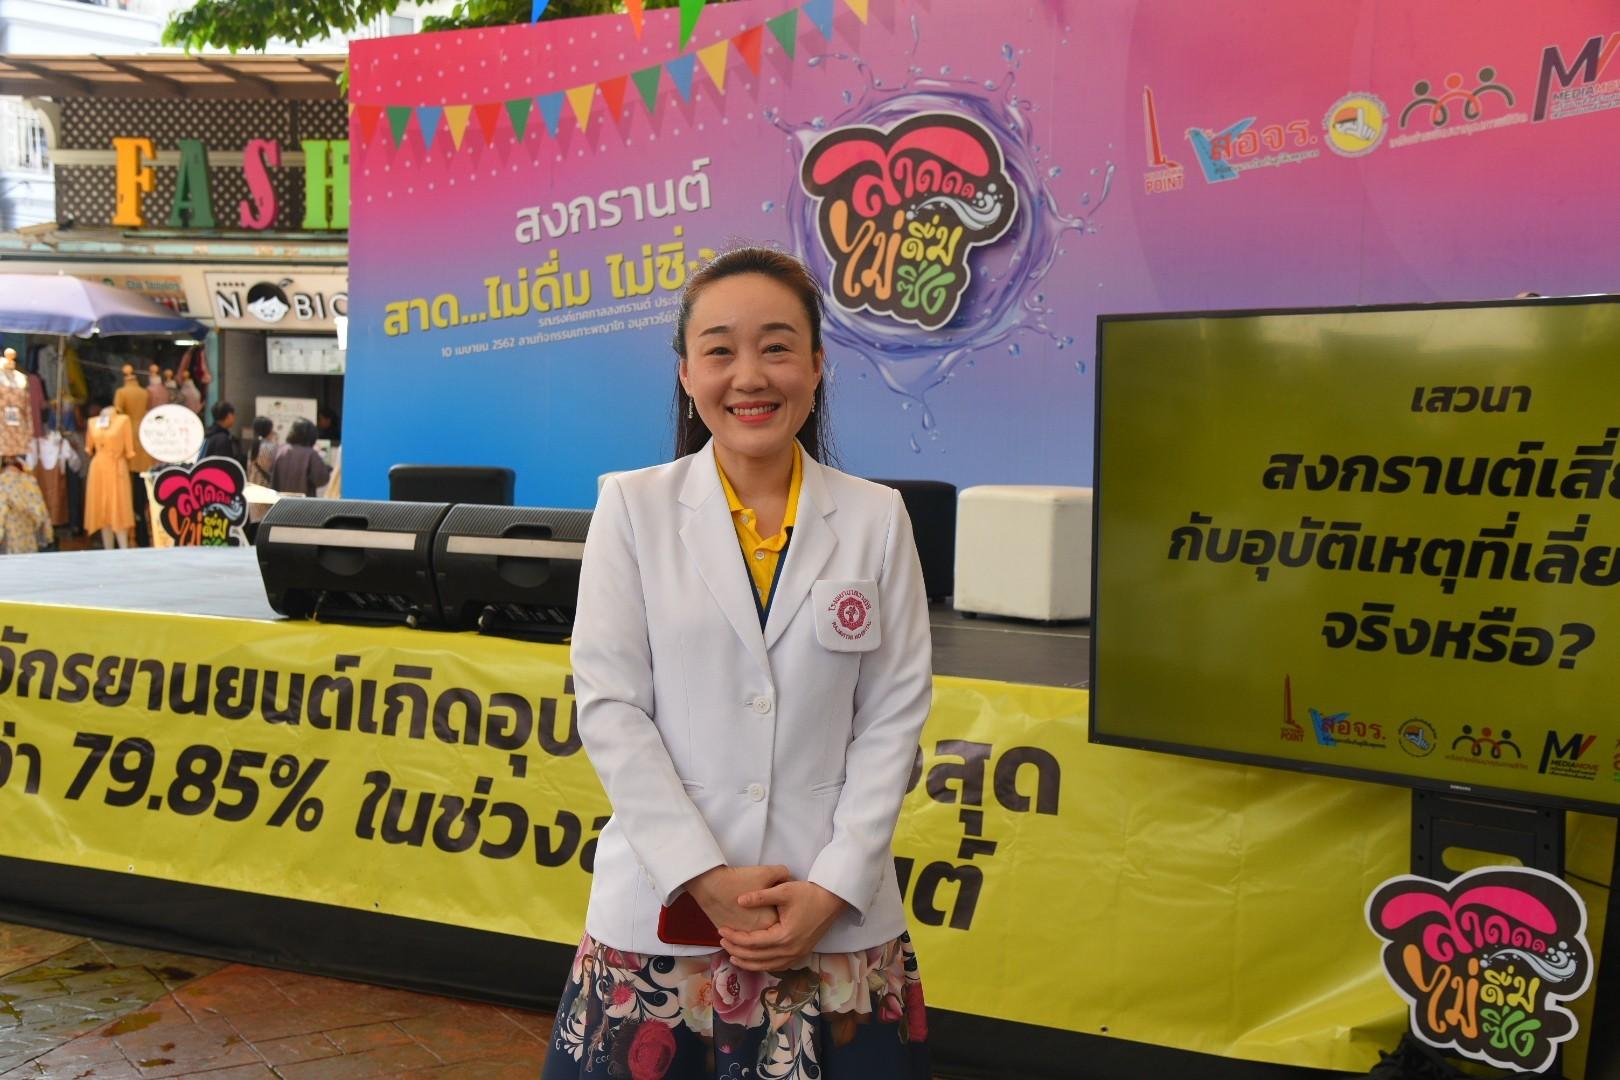 สสส. ผนึกภาคีฯ ชวน สาด ไม่ดื่ม ไม่ซิ่ง  thaihealth